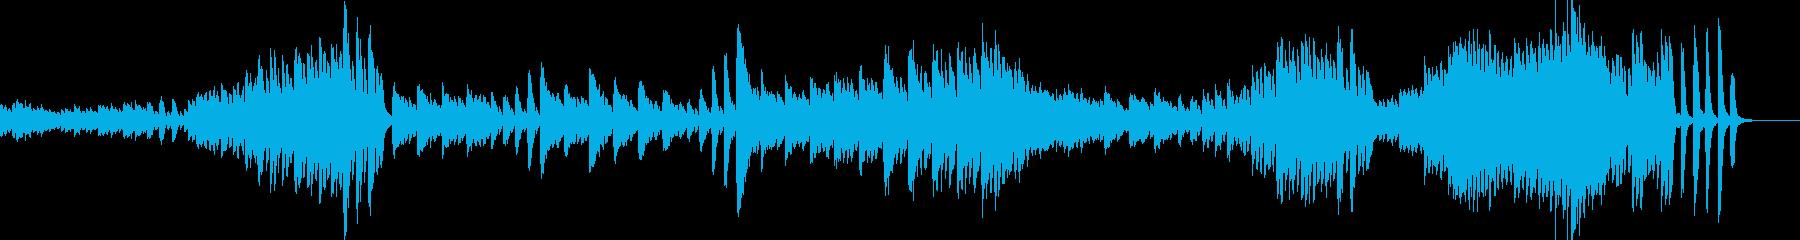 ツェルニー30番26 ドラマティック曲の再生済みの波形